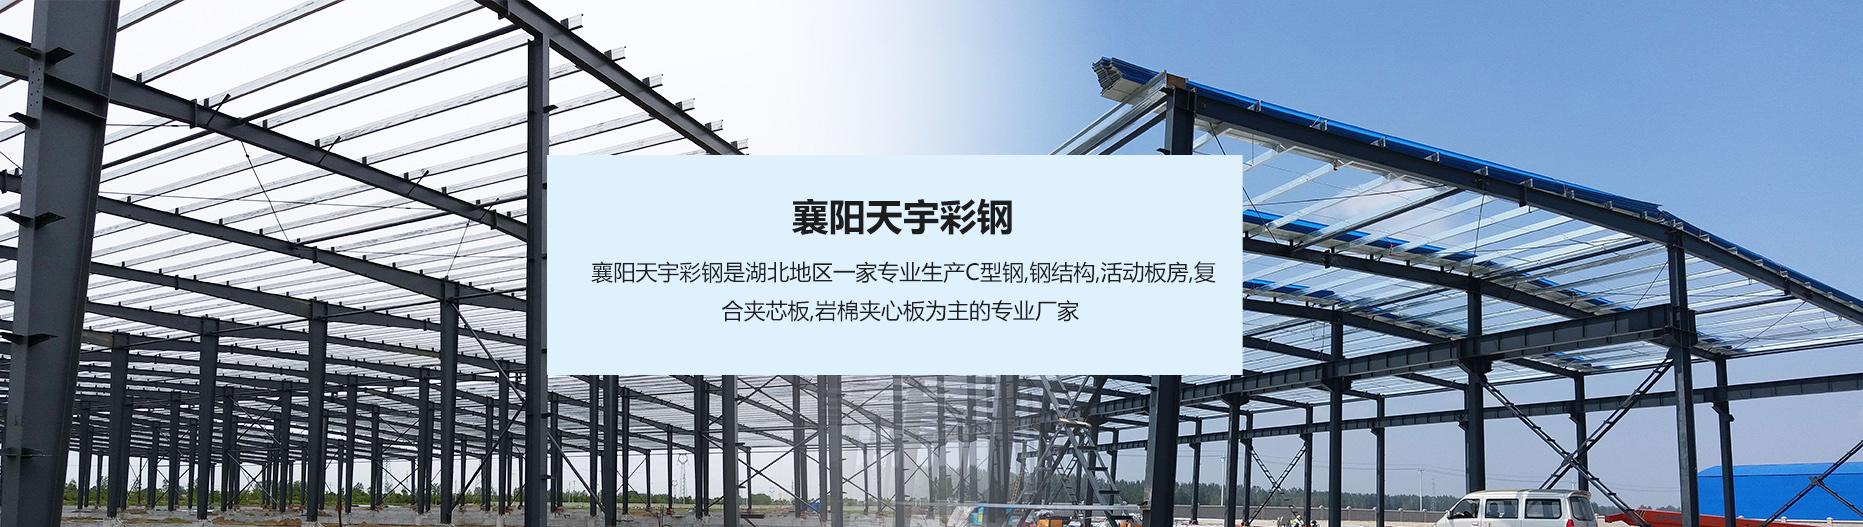 襄陽鋼結構廠家